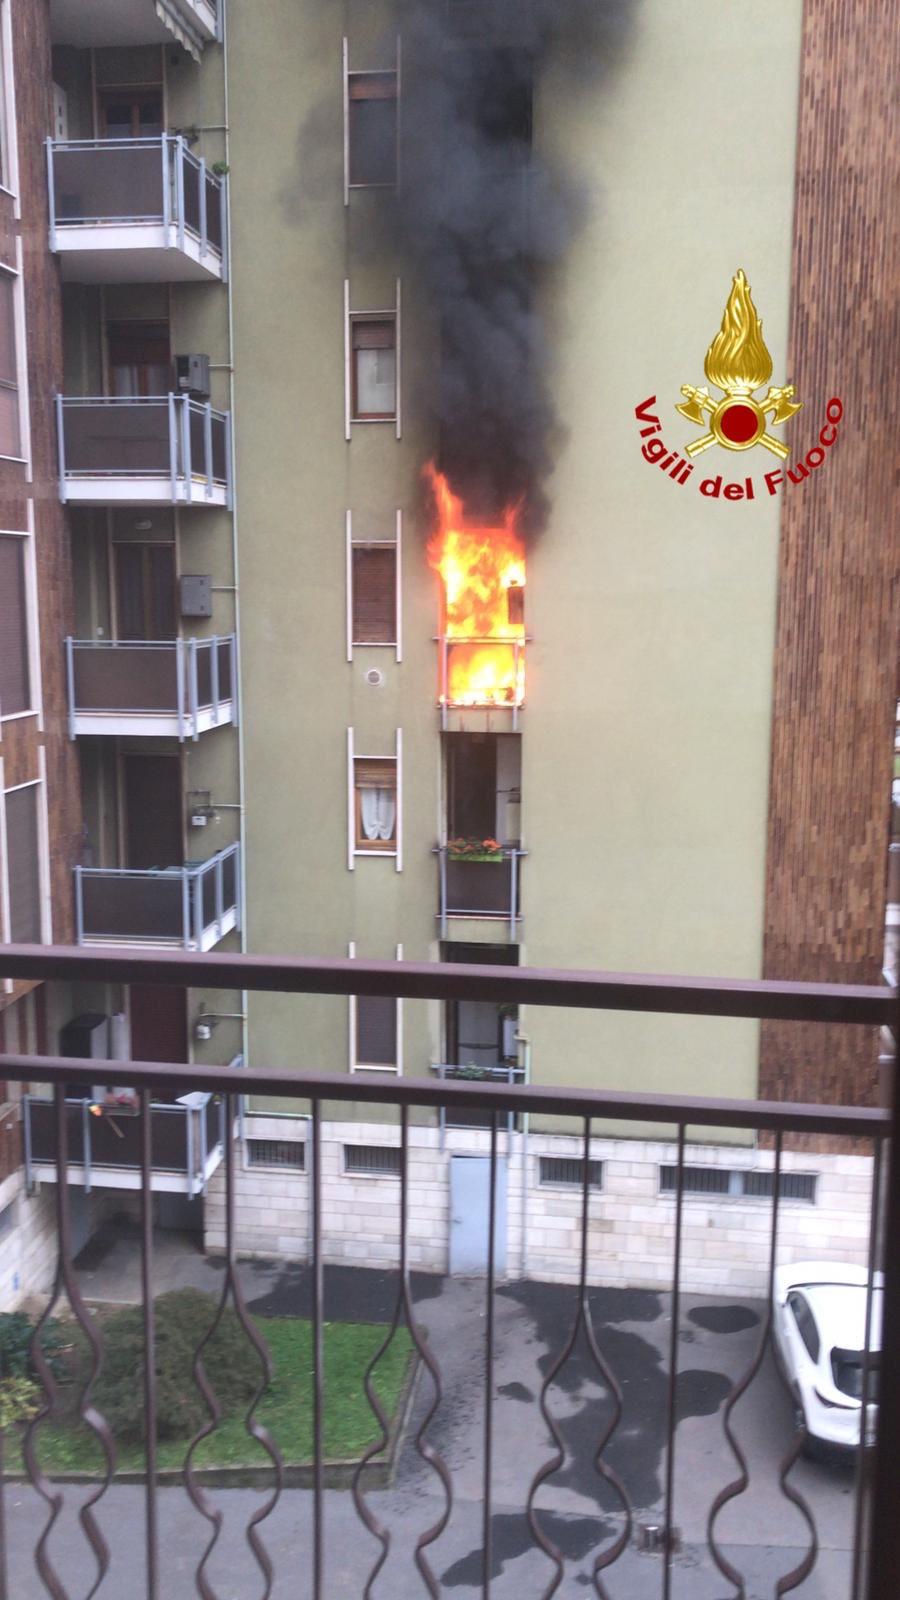 incendio San Donato Milanese - Incendio a San Donato Milanese (le foto) 05/10/2020